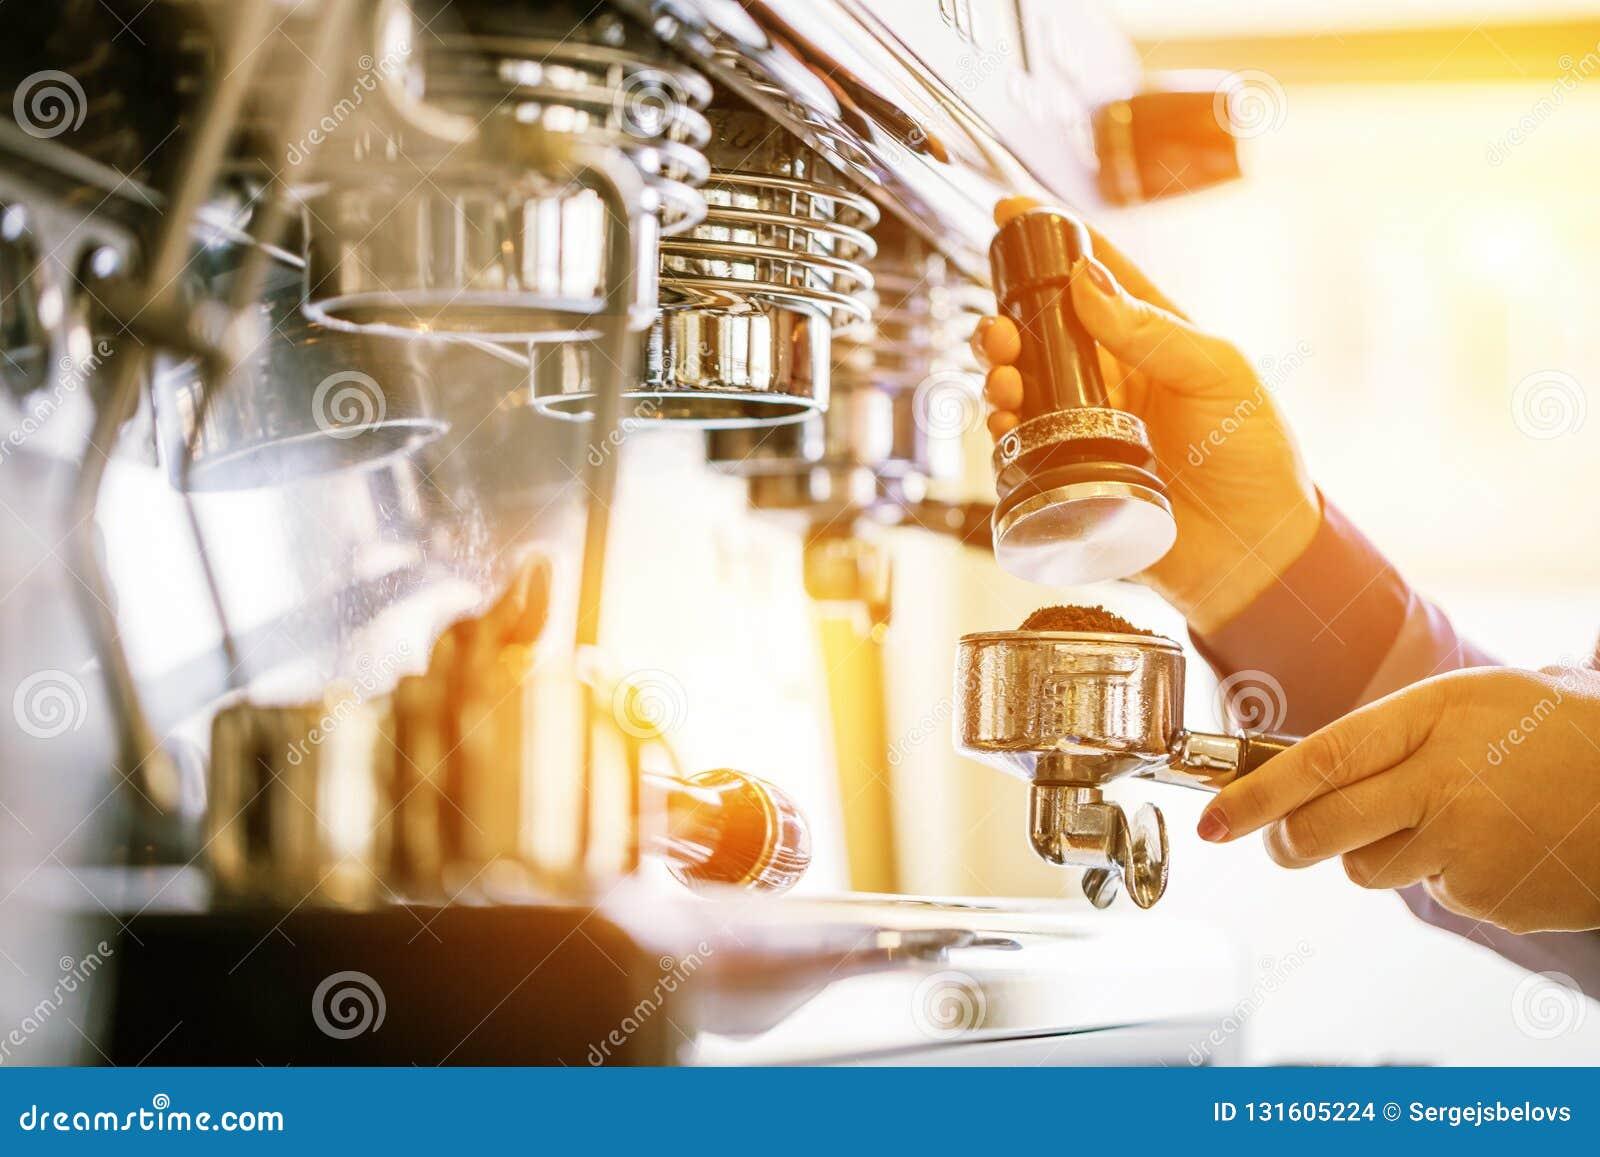 Barista gebruikend koffiemachine om koffie in de koffie te maken